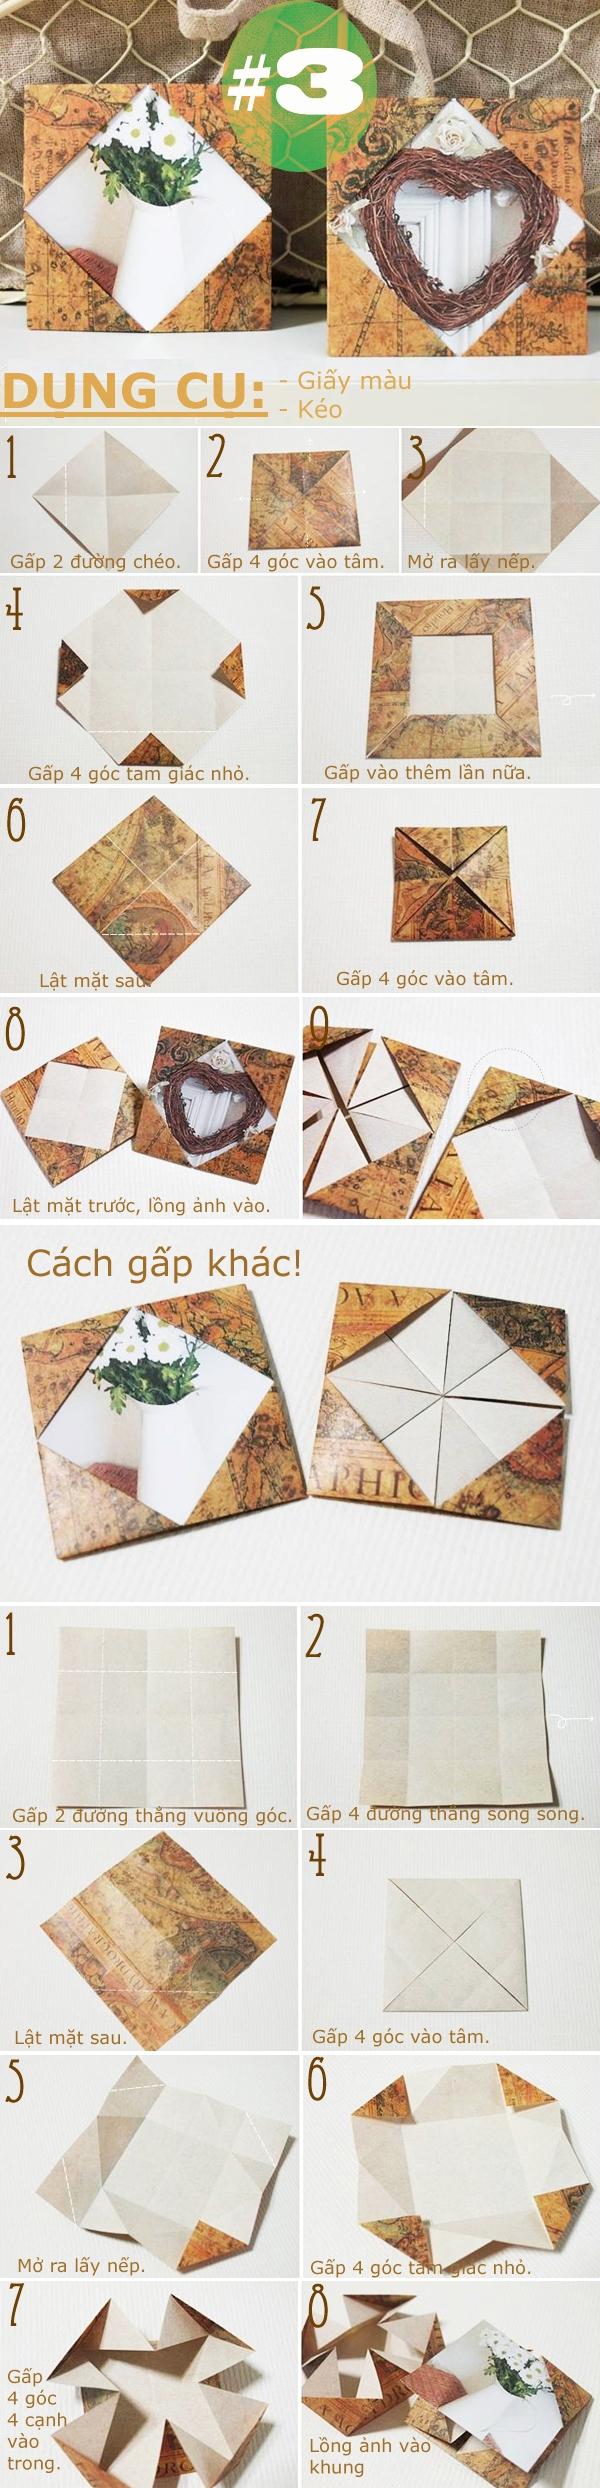 Các cách gấp khung ảnh bằng giấy cực hay 3